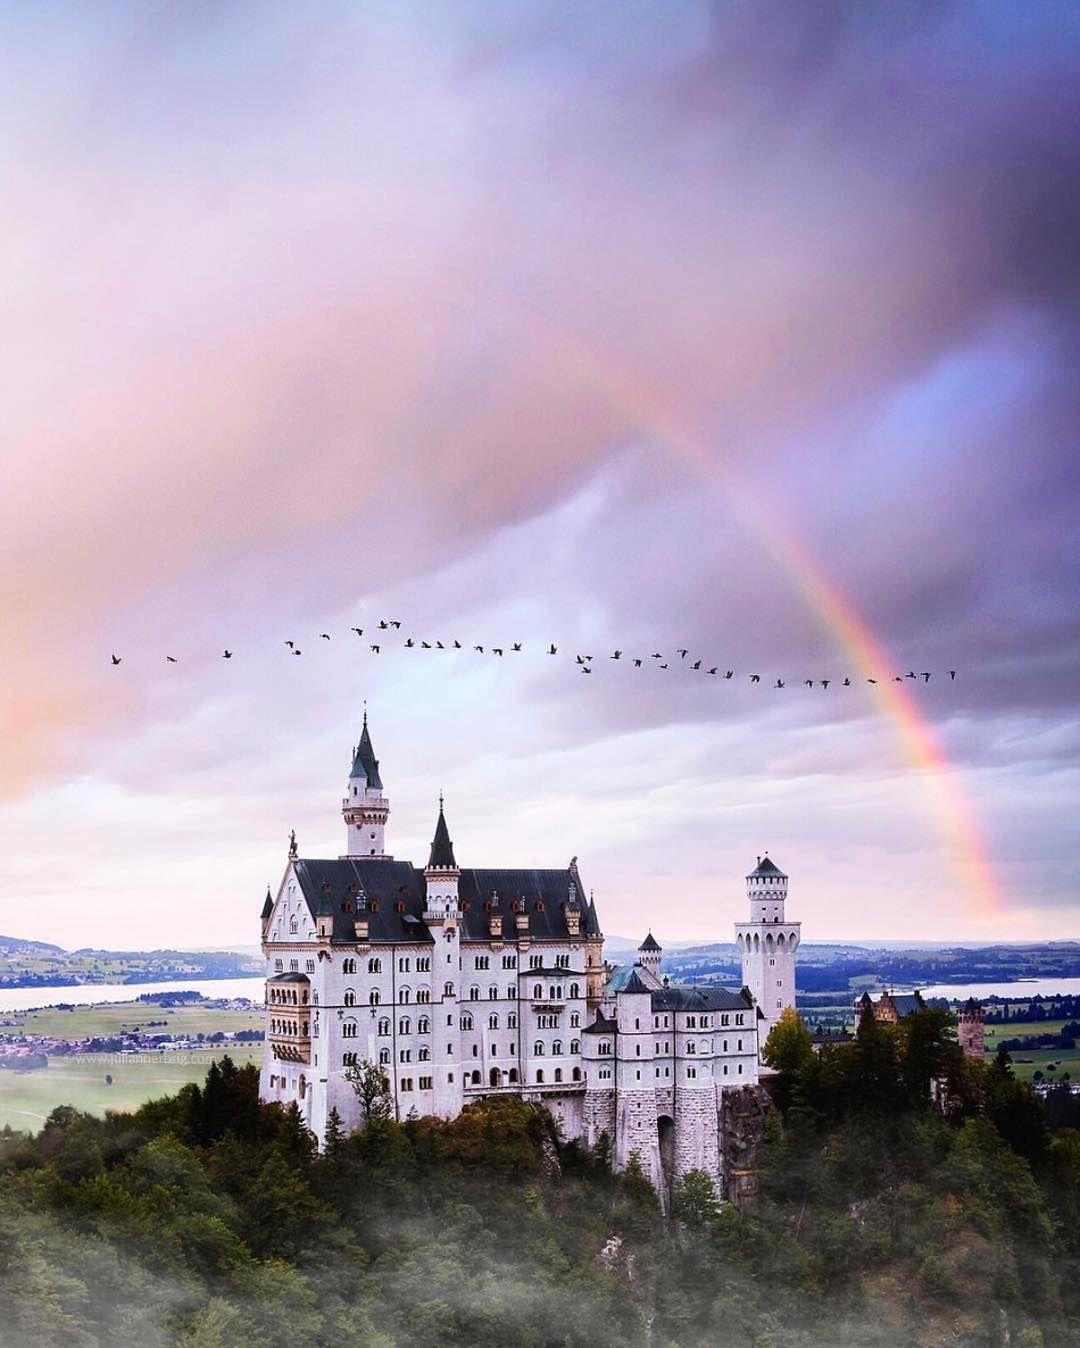 21 sagenhafte Orte in Bayern, die noch nicht einmal Bayern kennen #castles